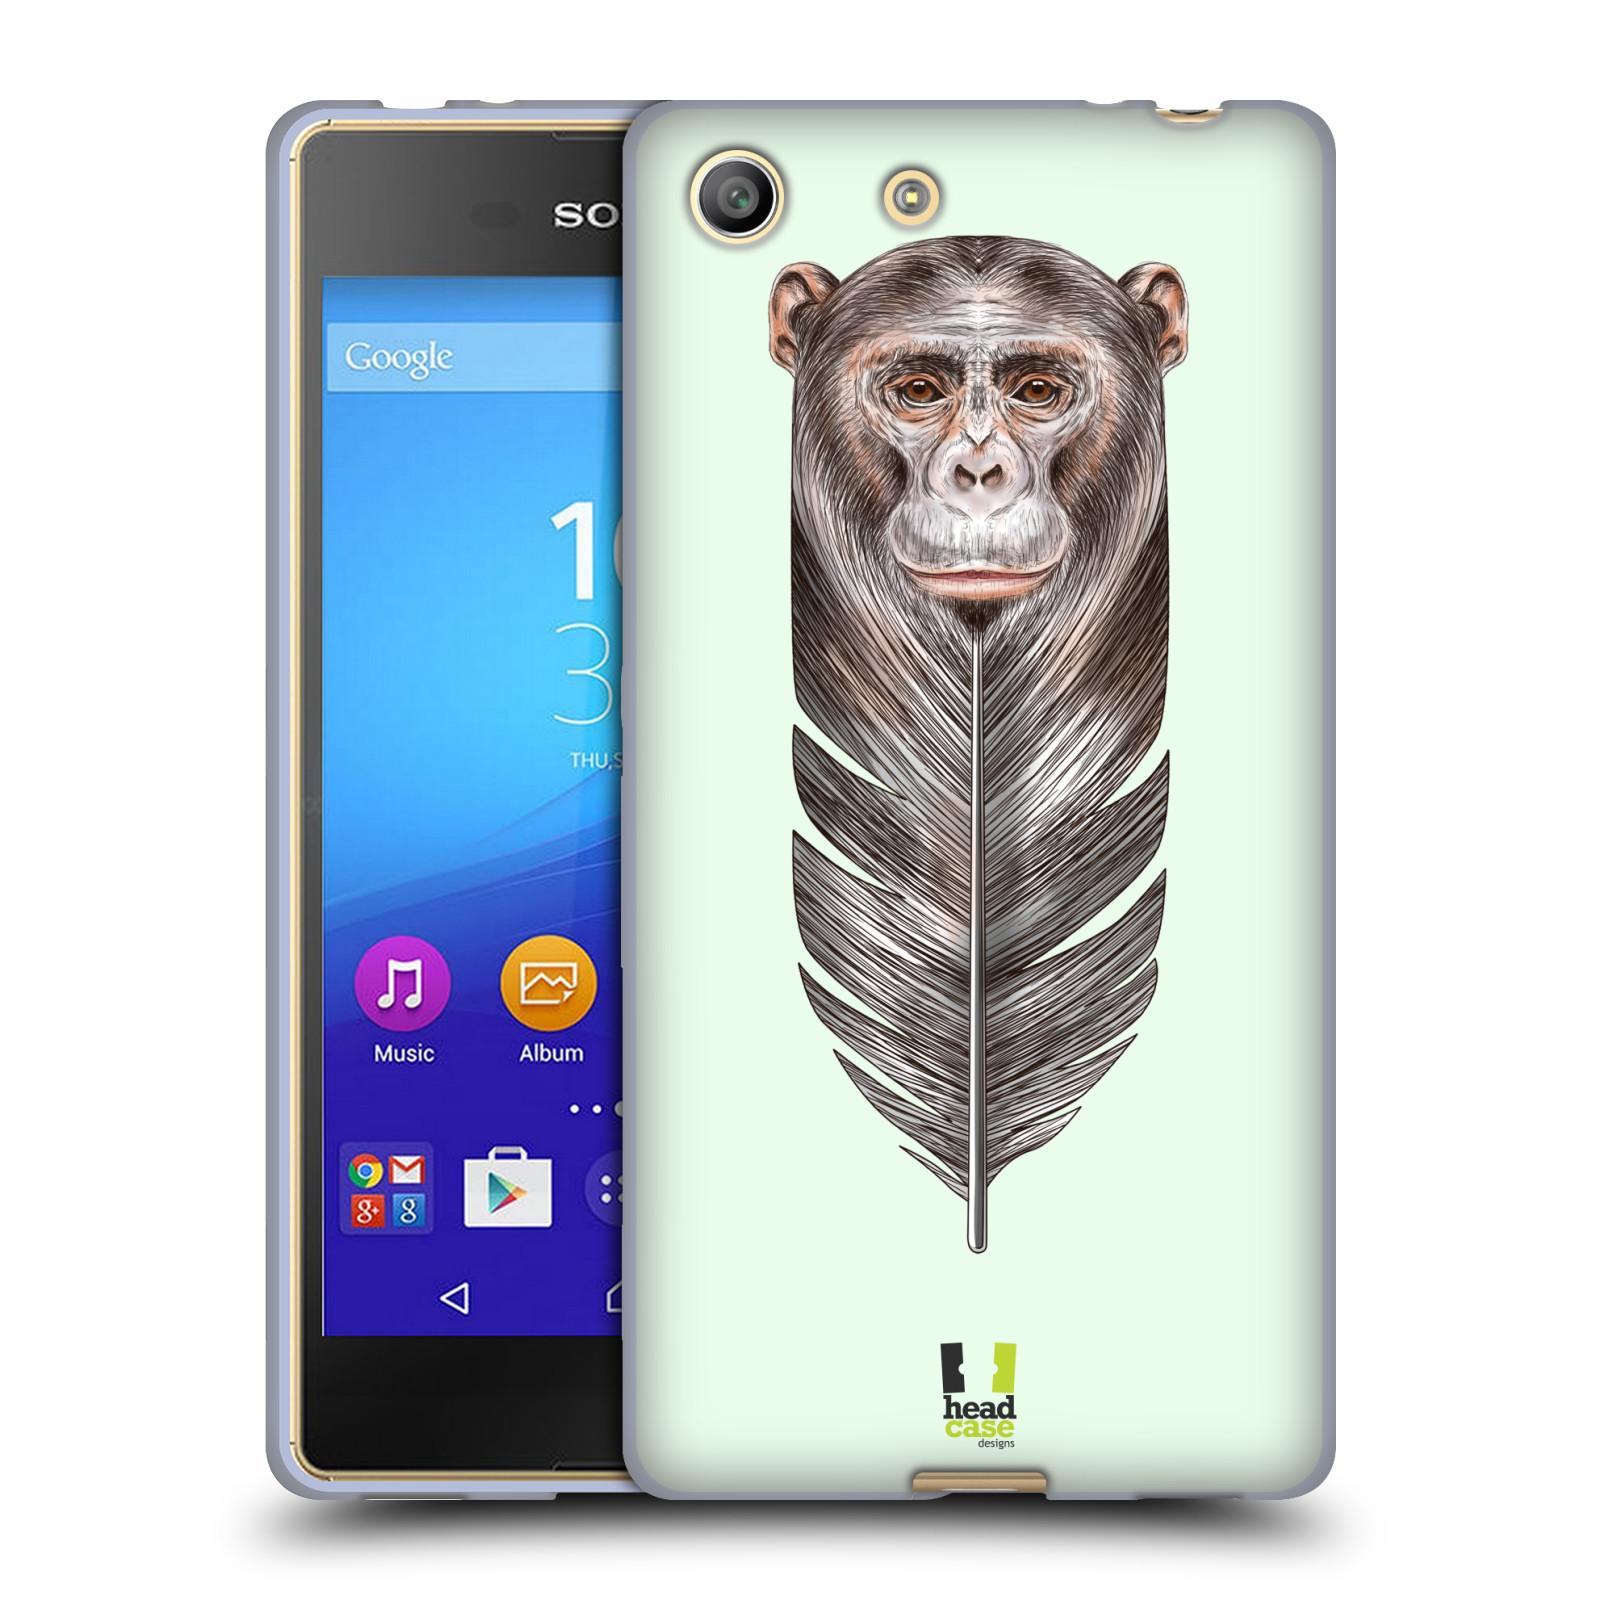 Silikonové pouzdro na mobil Sony Xperia M5 HEAD CASE PÍRKO OPIČKA (Silikonový kryt či obal na mobilní telefon Sony Xperia M5 Dual SIM / Aqua)